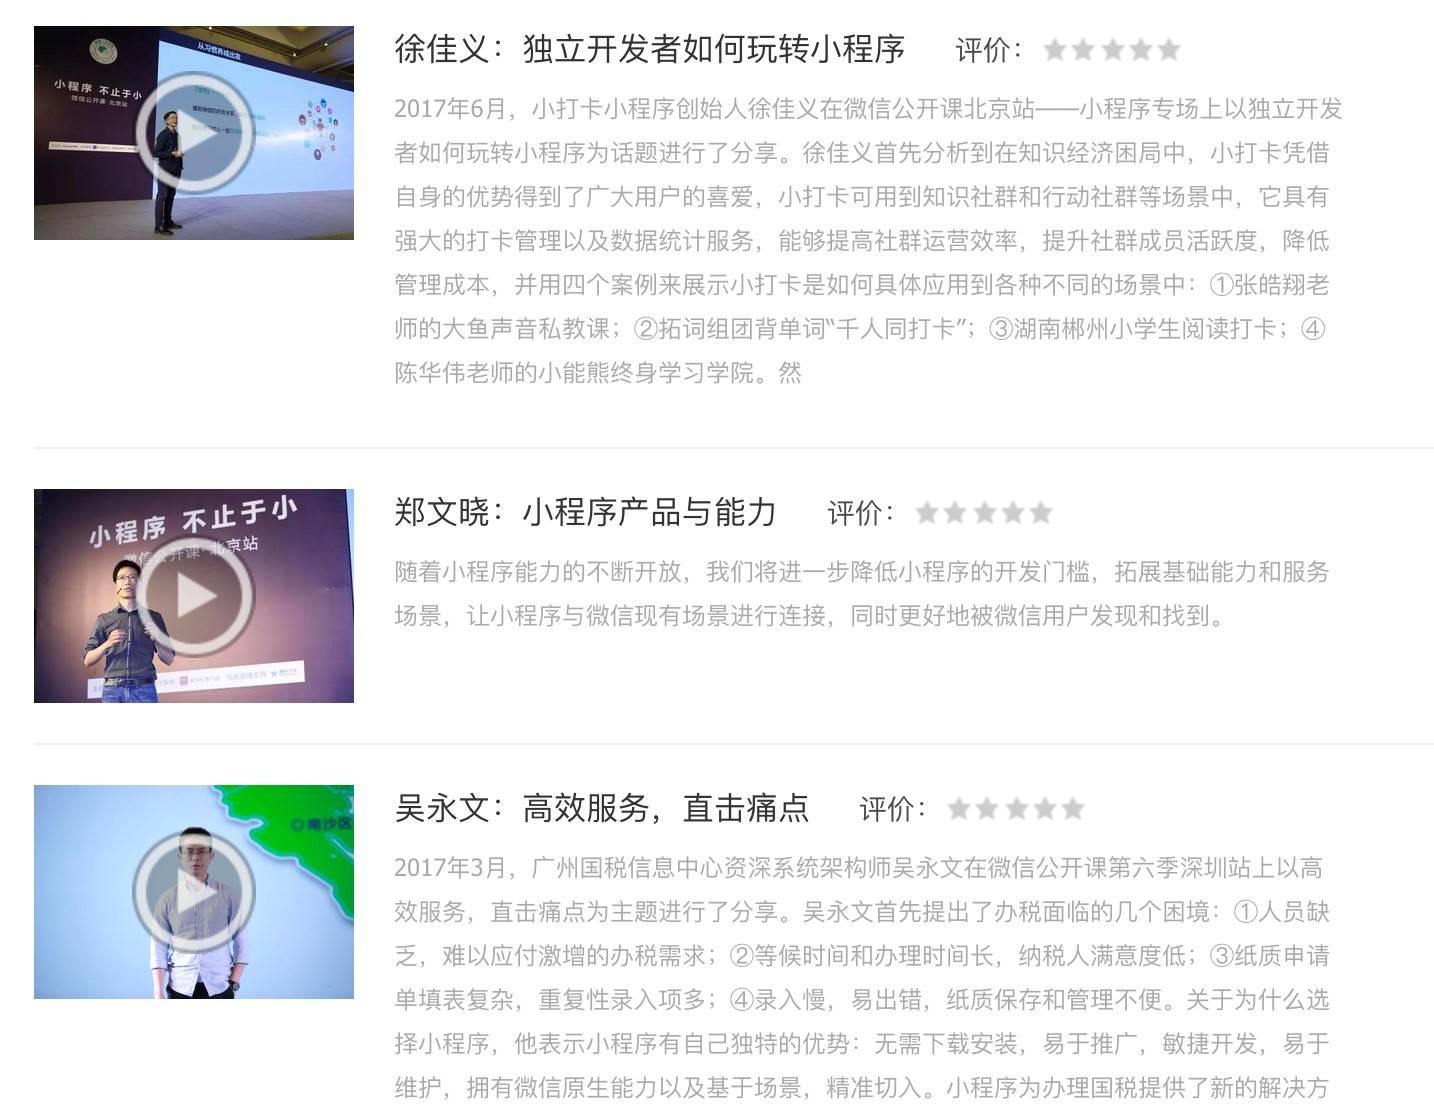 鸟哥笔记,用户运营,木山,用户研究,用户运营,案例分析